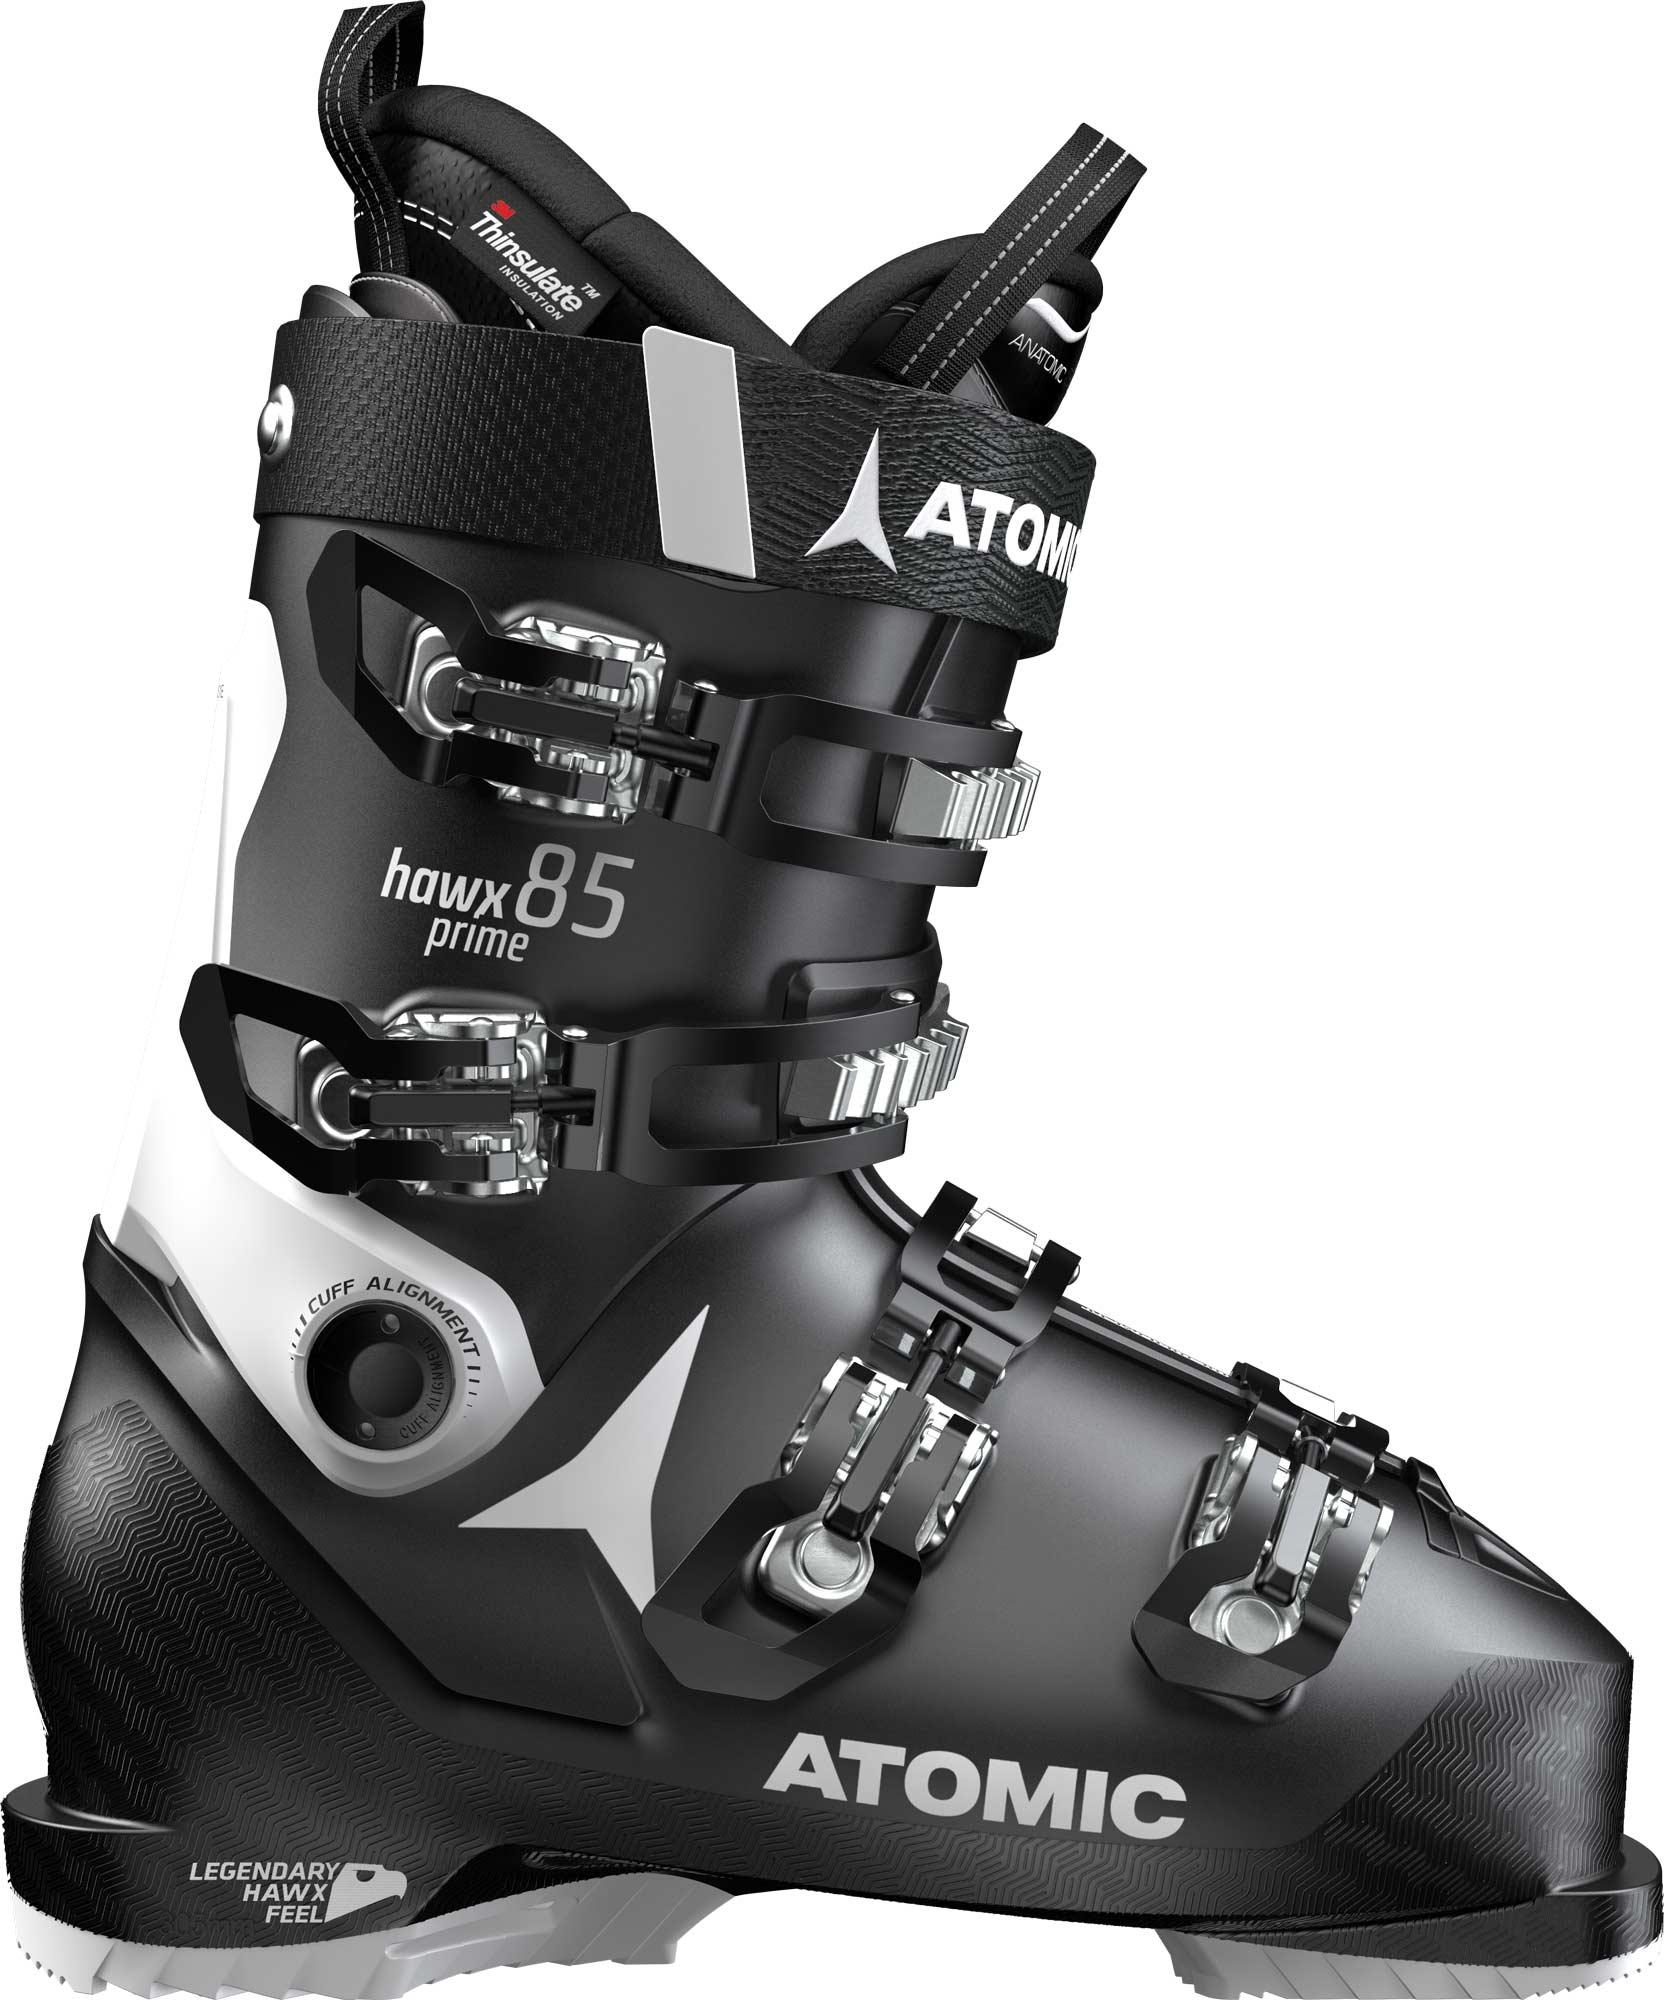 Atomic Hawx Prime 85 Women - black/white (2019/20)